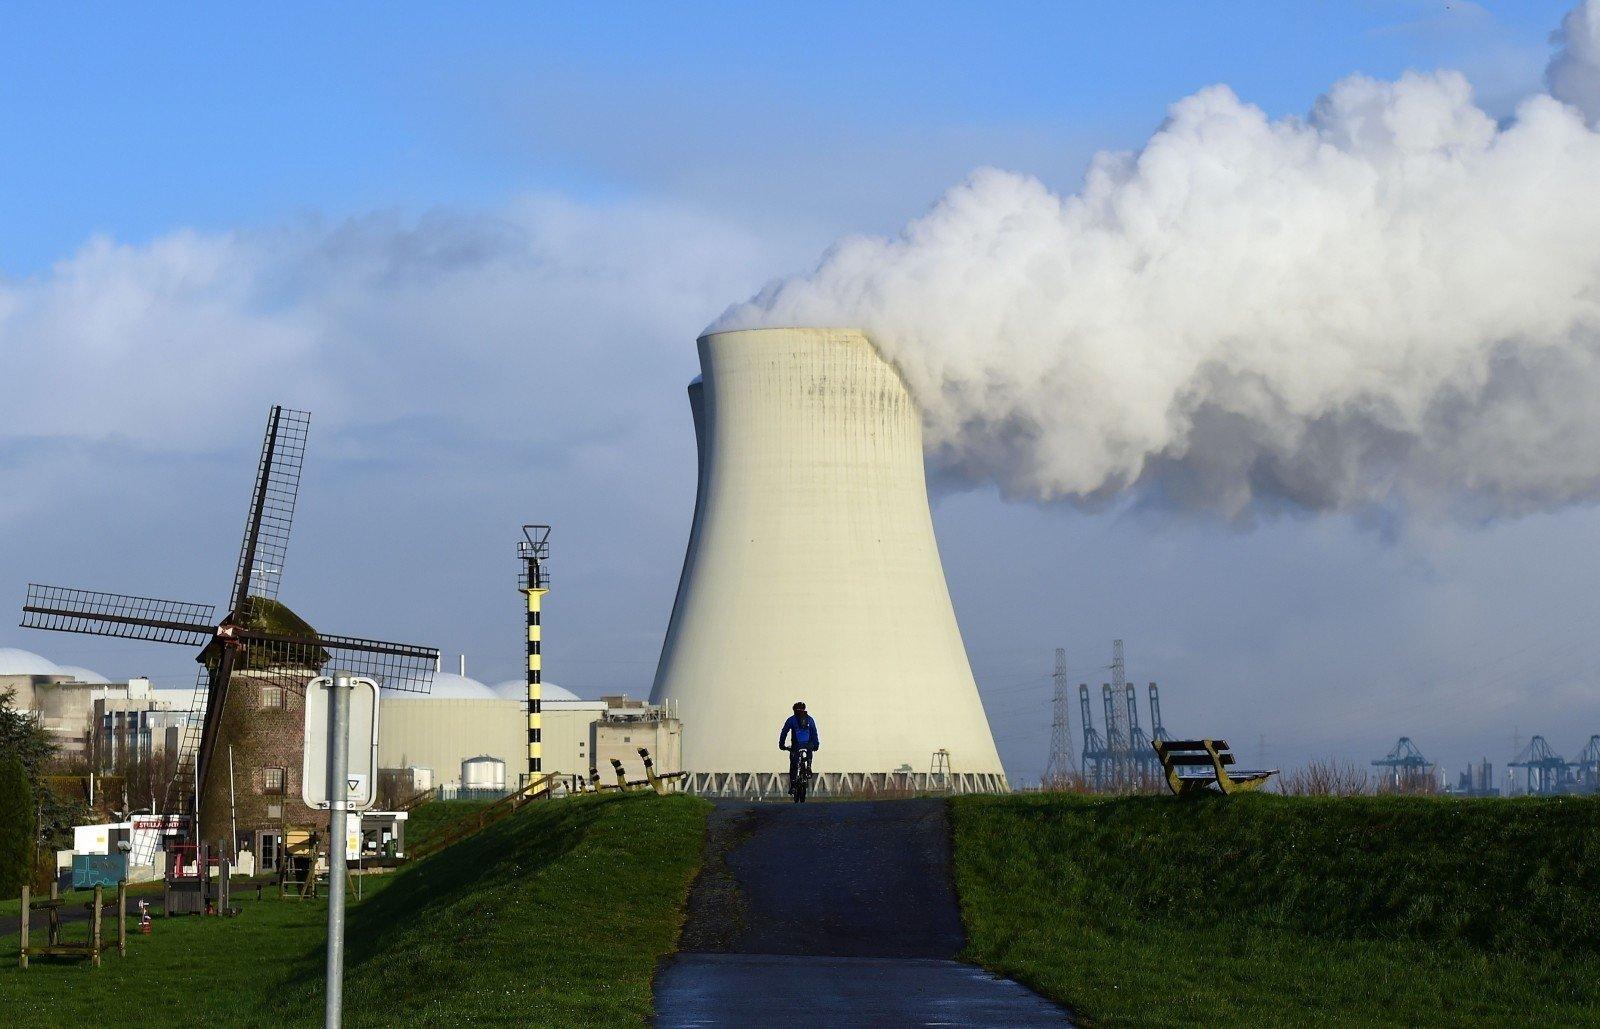 Профессионалы обнаружили дефект вядерном реакторе бельгийской АЭС